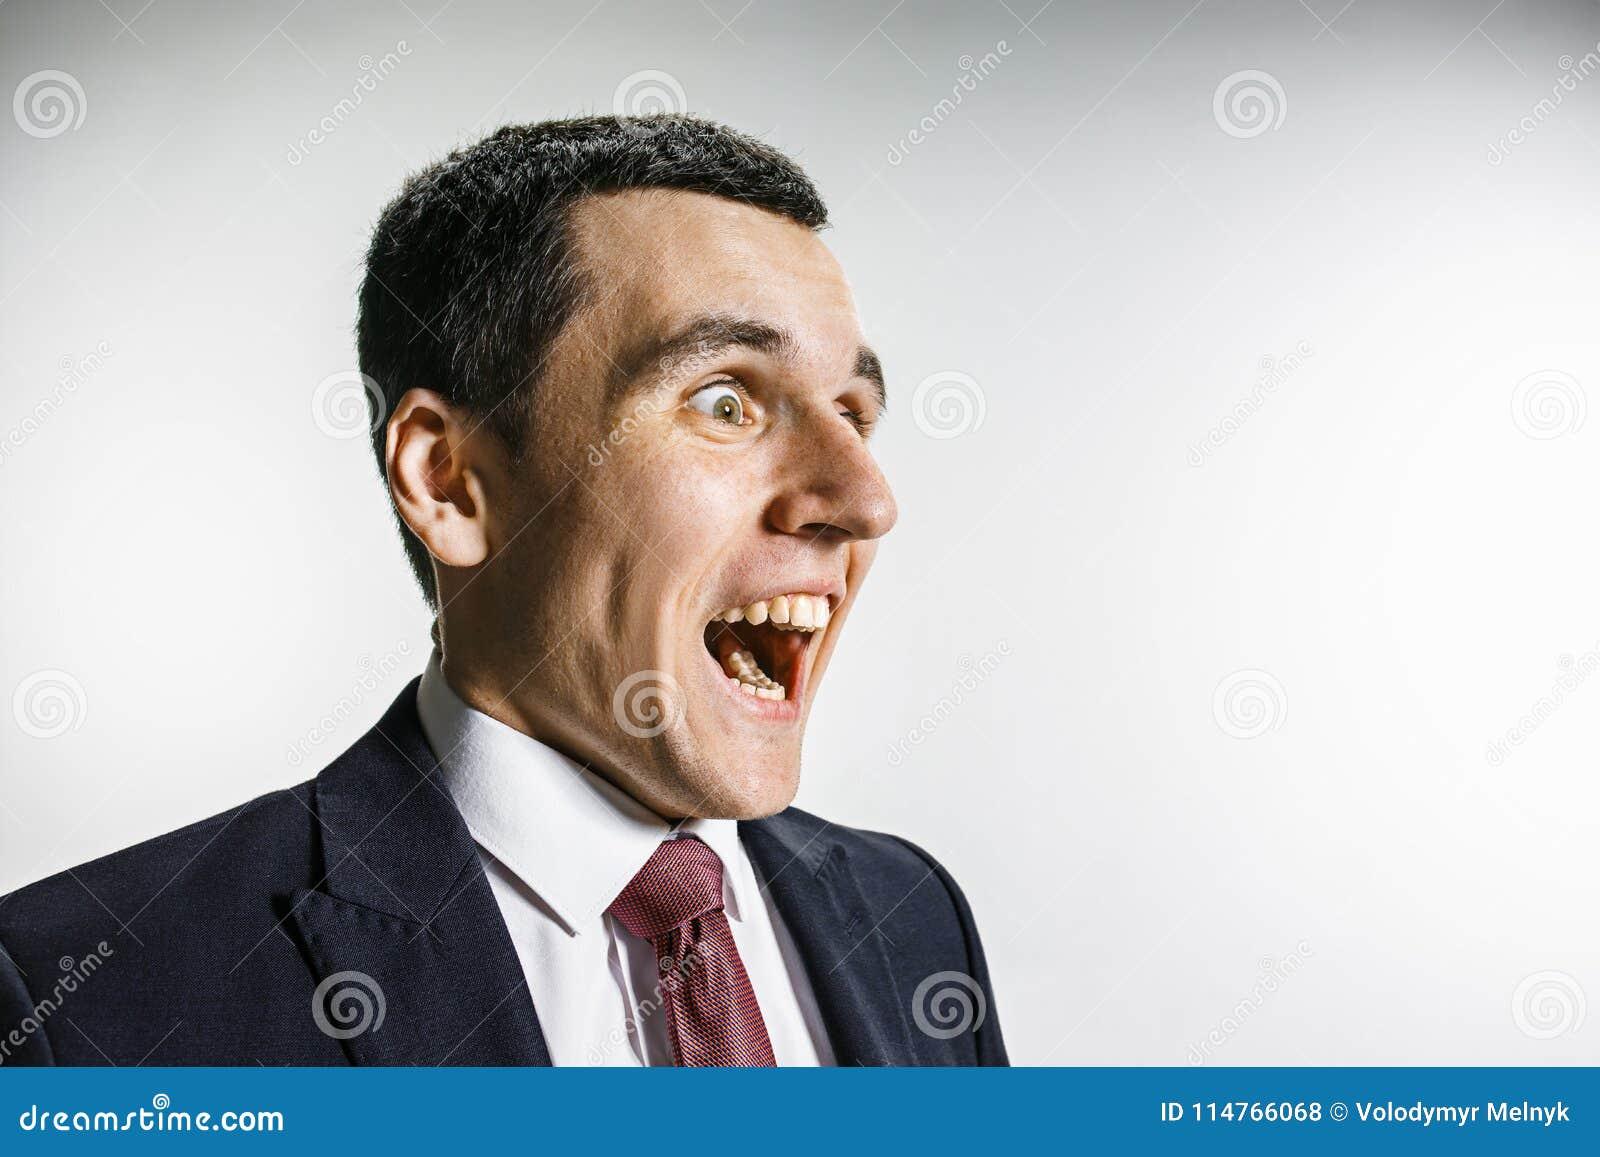 Трехчетвертной портрет бизнесмена с удивленной и усмехнутой стороной Уверенно профессионал с взглядом прошивкой внутри